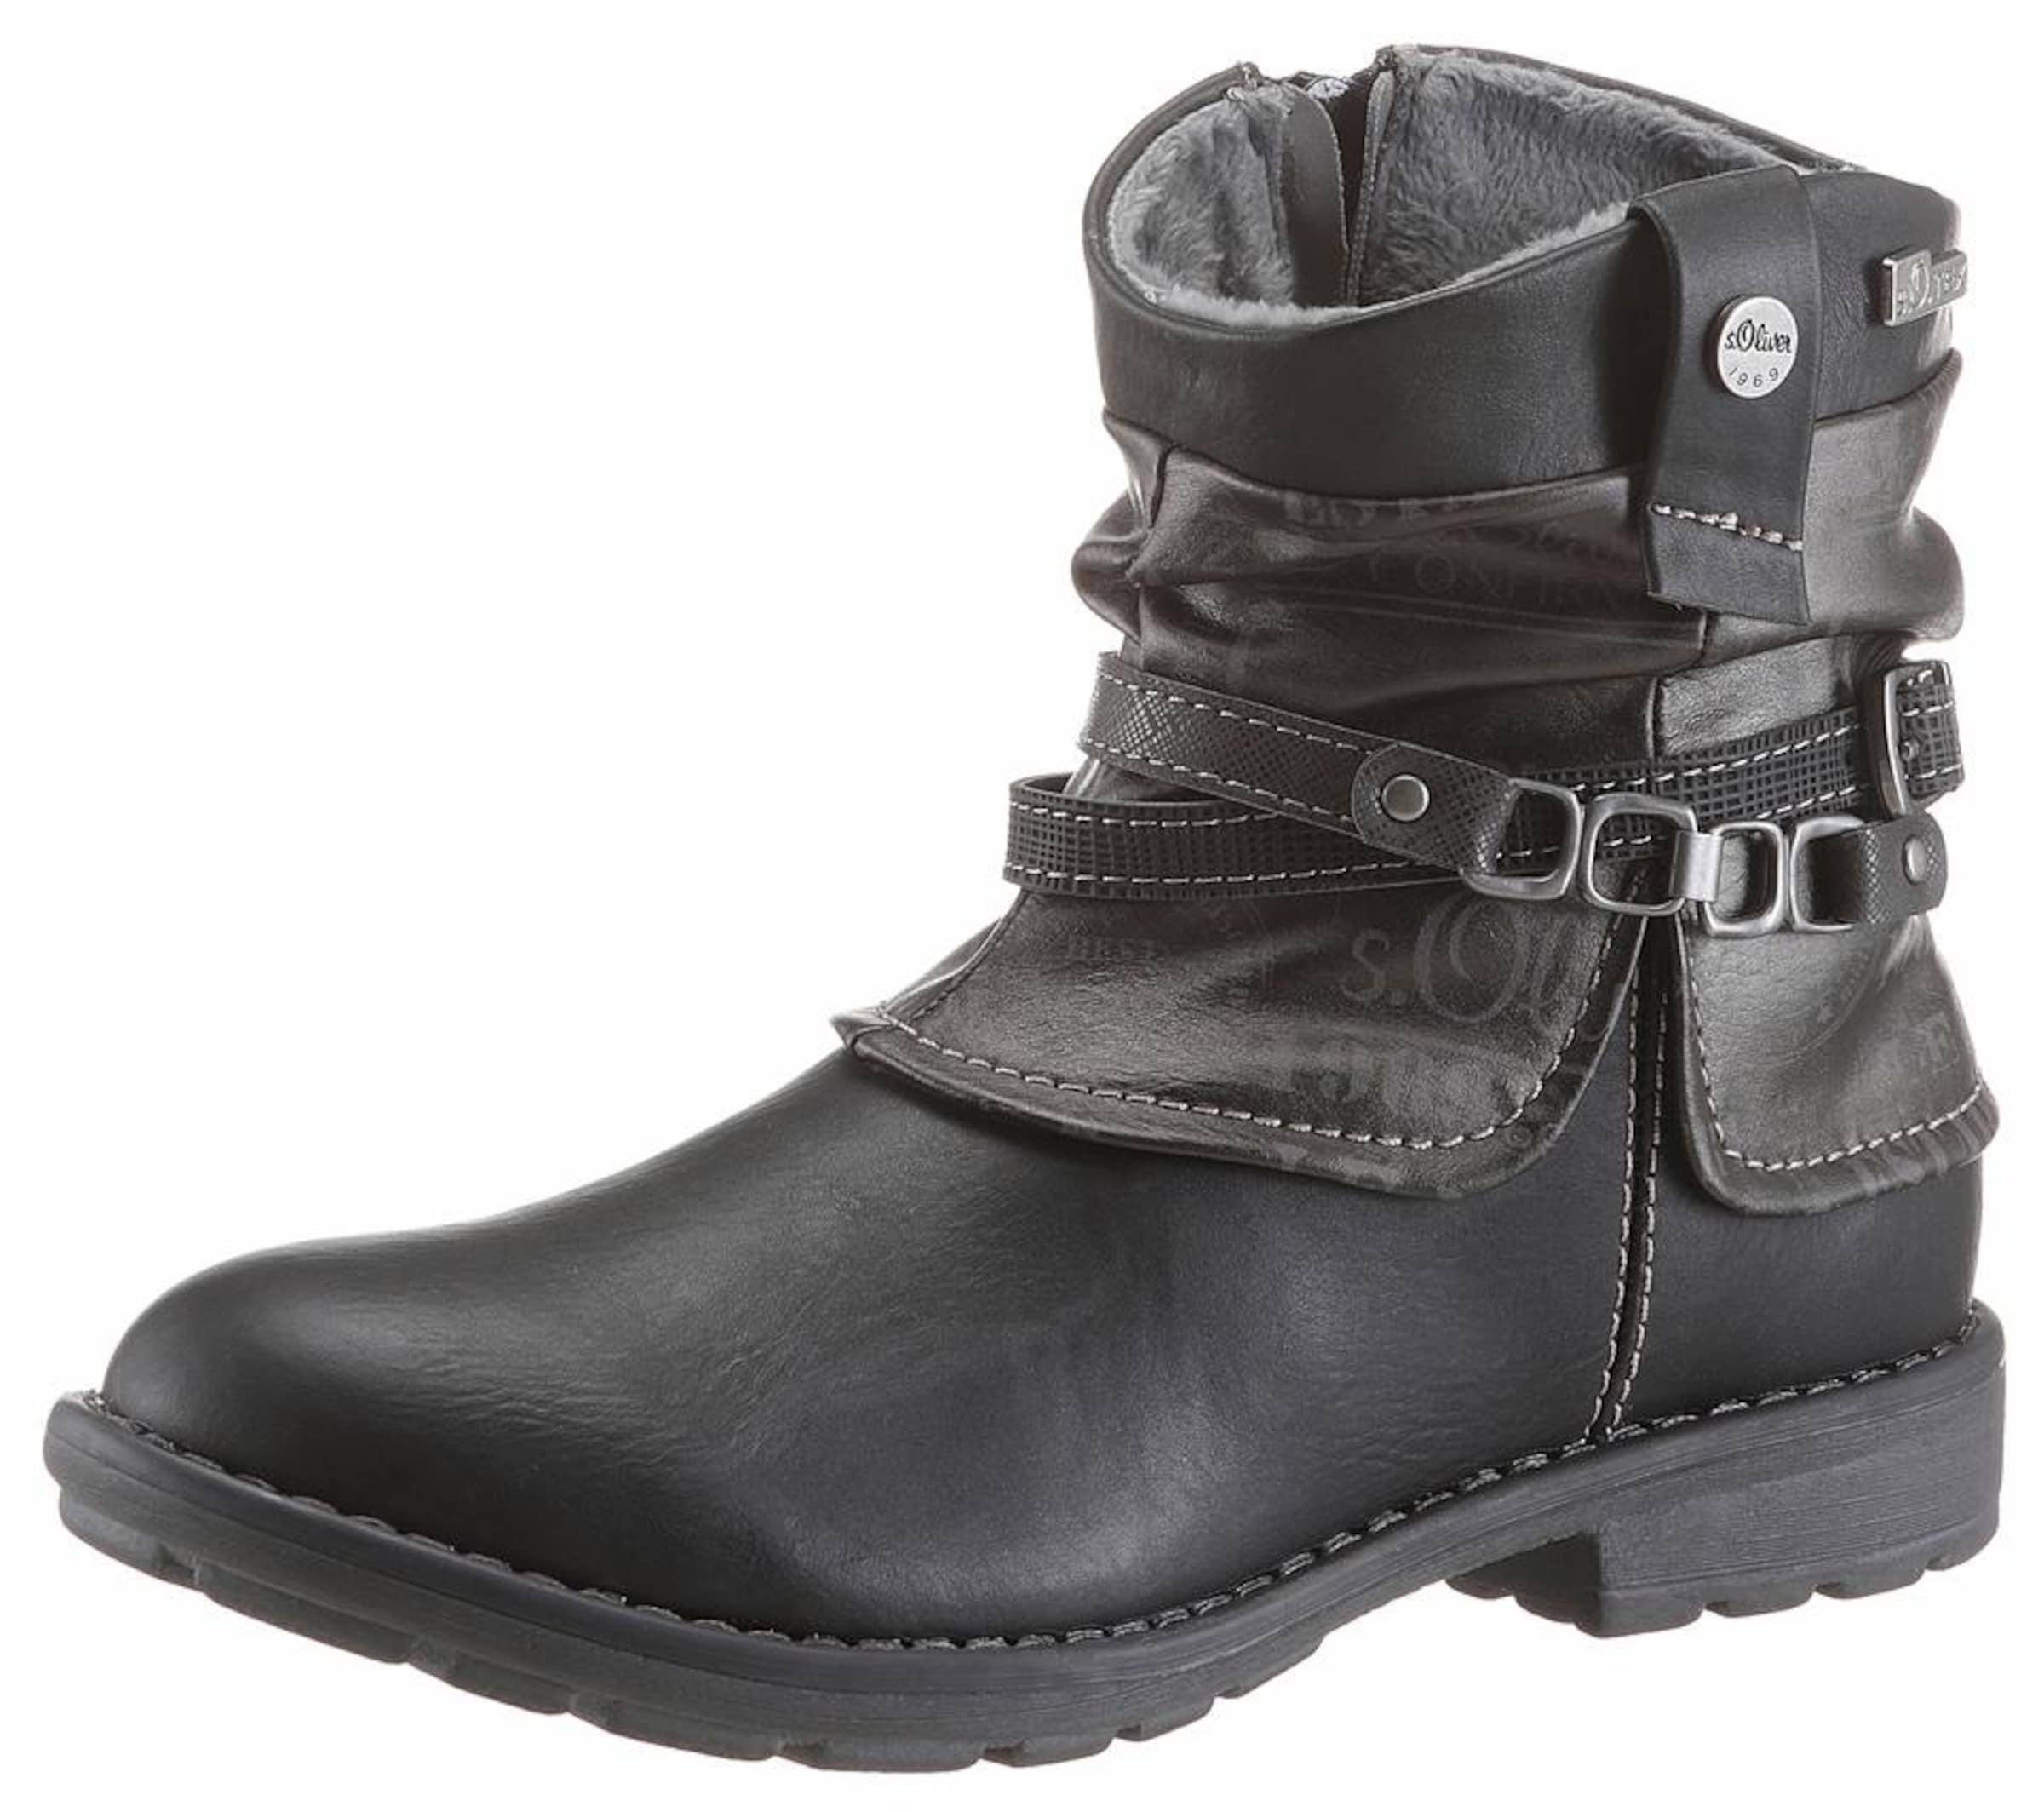 s.Oliver RED LABEL Winterstiefel Günstige und langlebige Schuhe